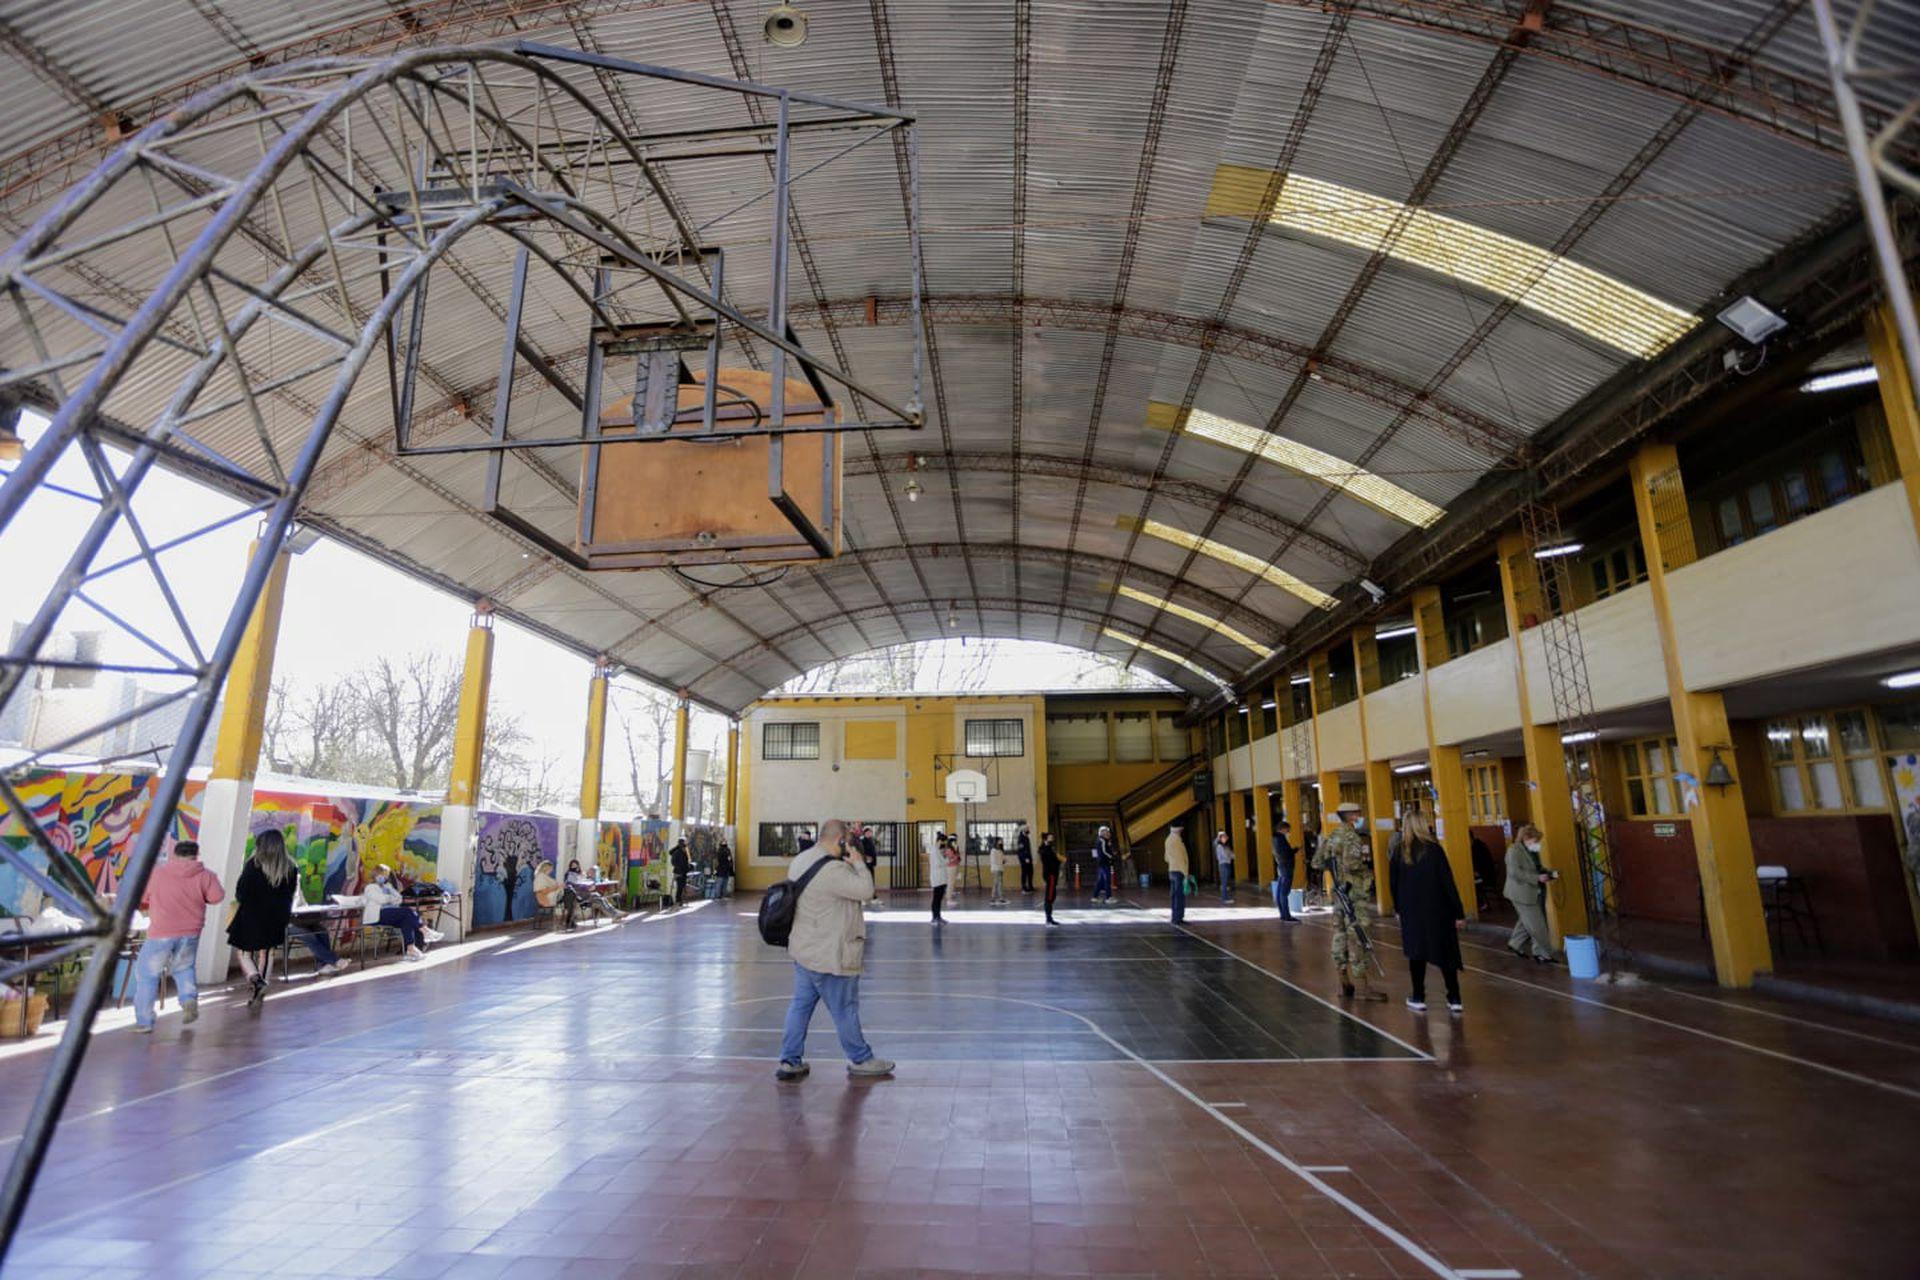 Jornada de las PASO en Mendoza. Exterior de la Escuela 1-108 Dr. Julio Lemos, de Godoy Cruz